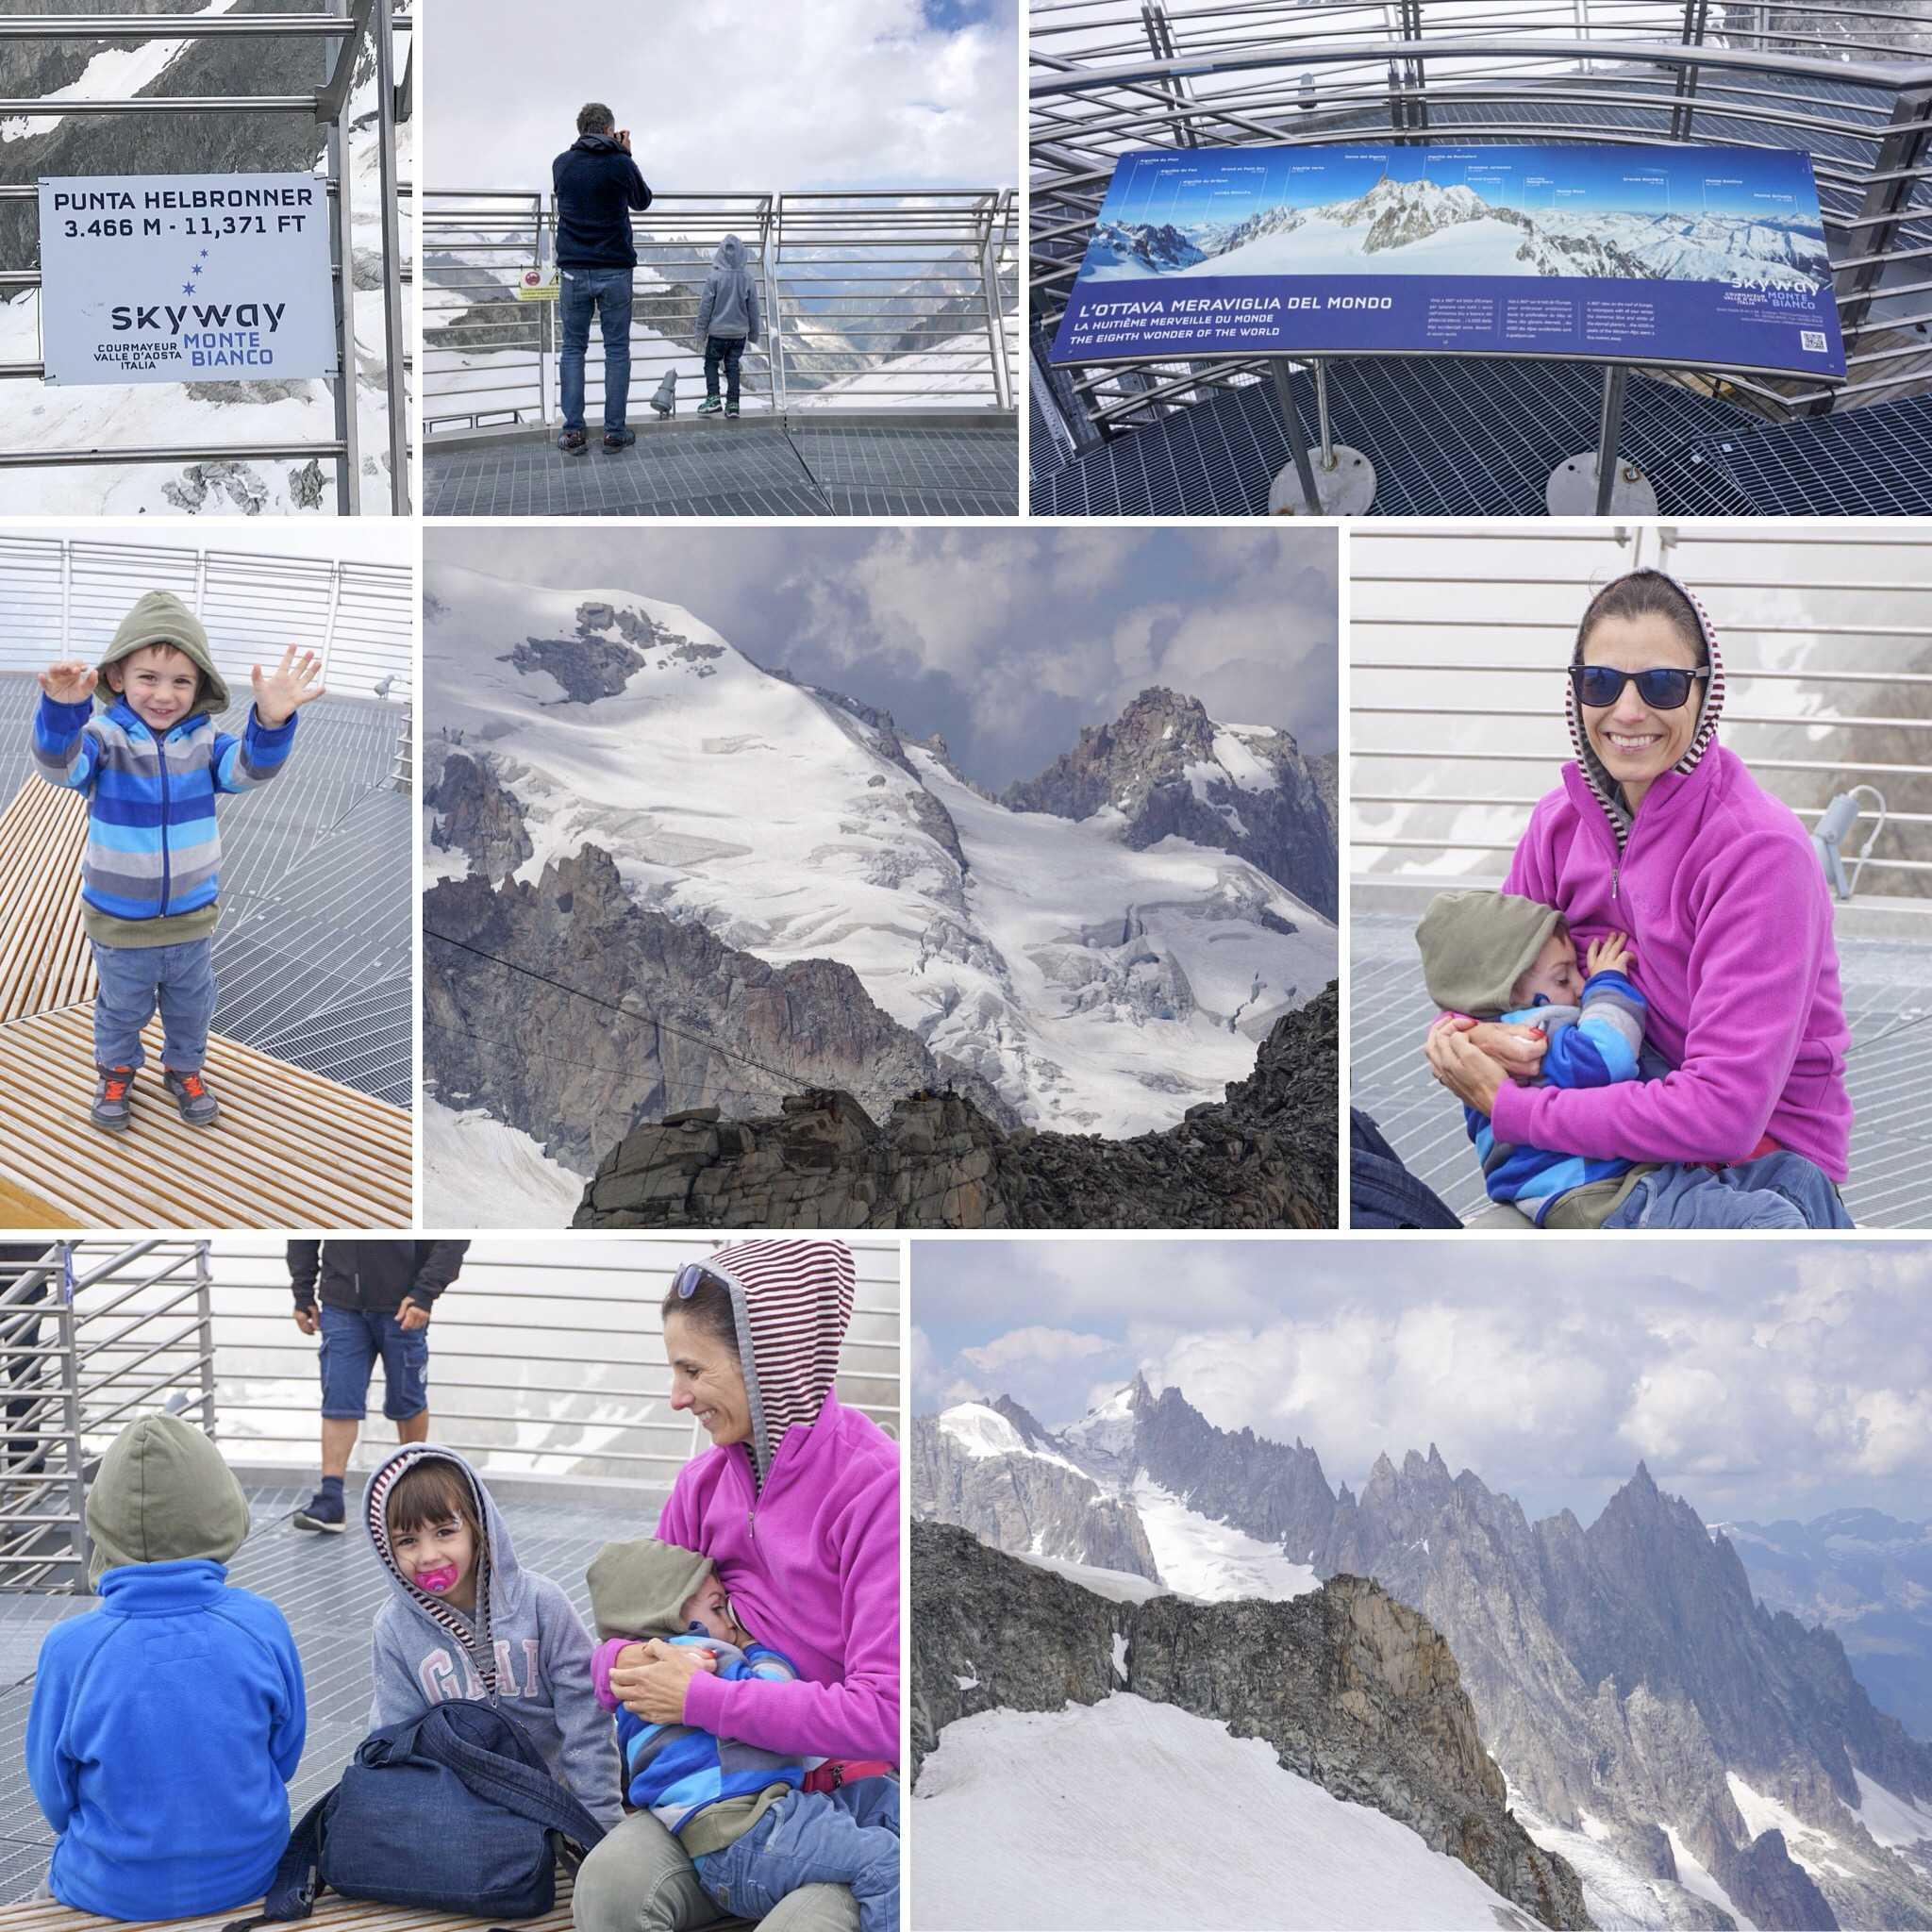 skyway monte bianco l'ottava meraviglia del mondo vista con gli occhi dei bambini